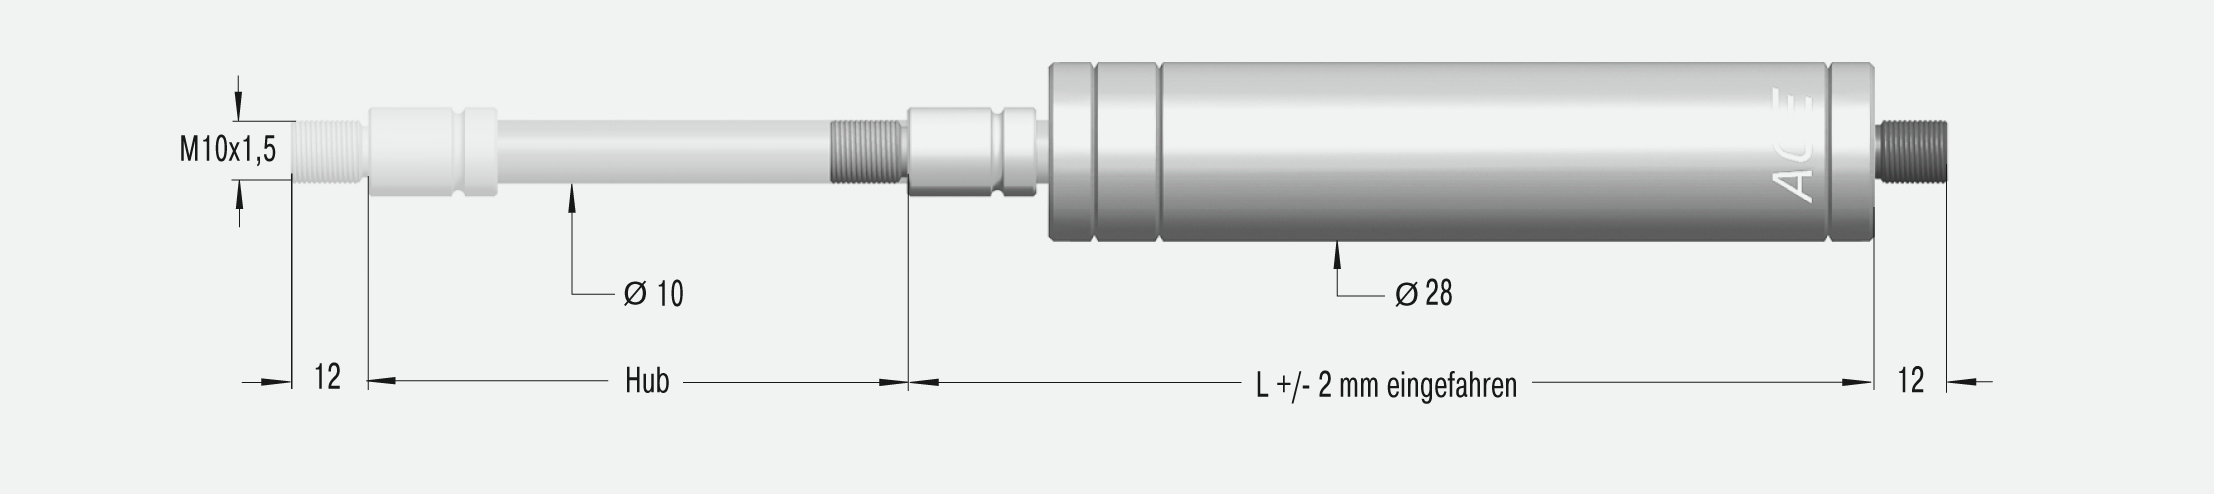 GZ-28-250-VA